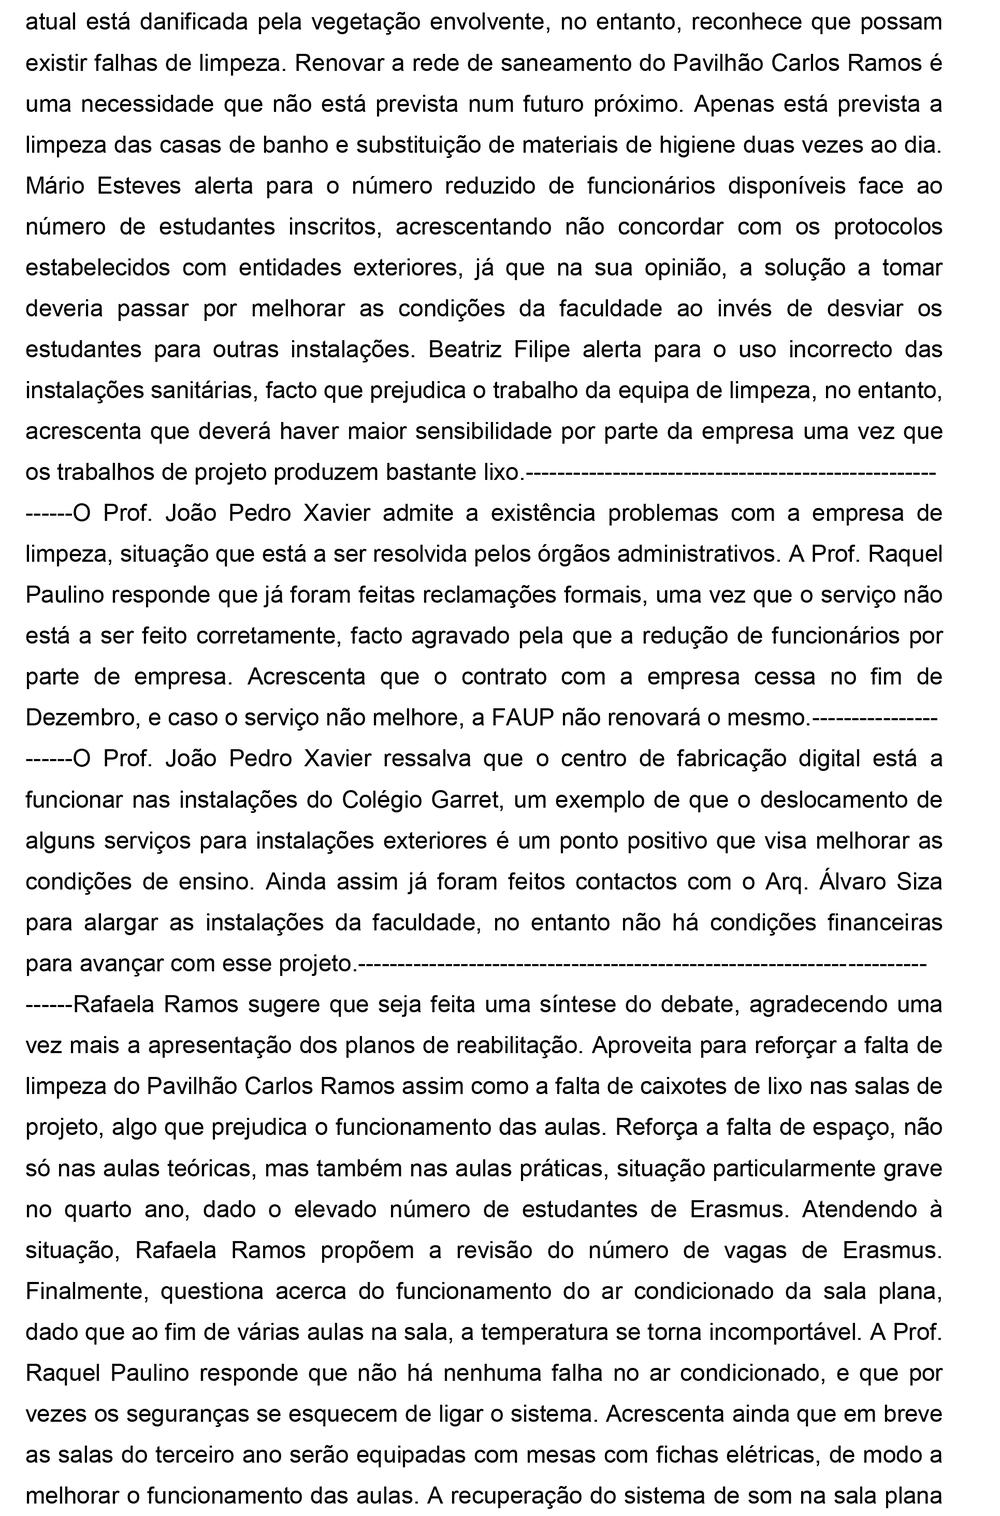 Acta 28 de Outrubro de 2014 -  Esclarecimento do estado das instalações-4.jpg